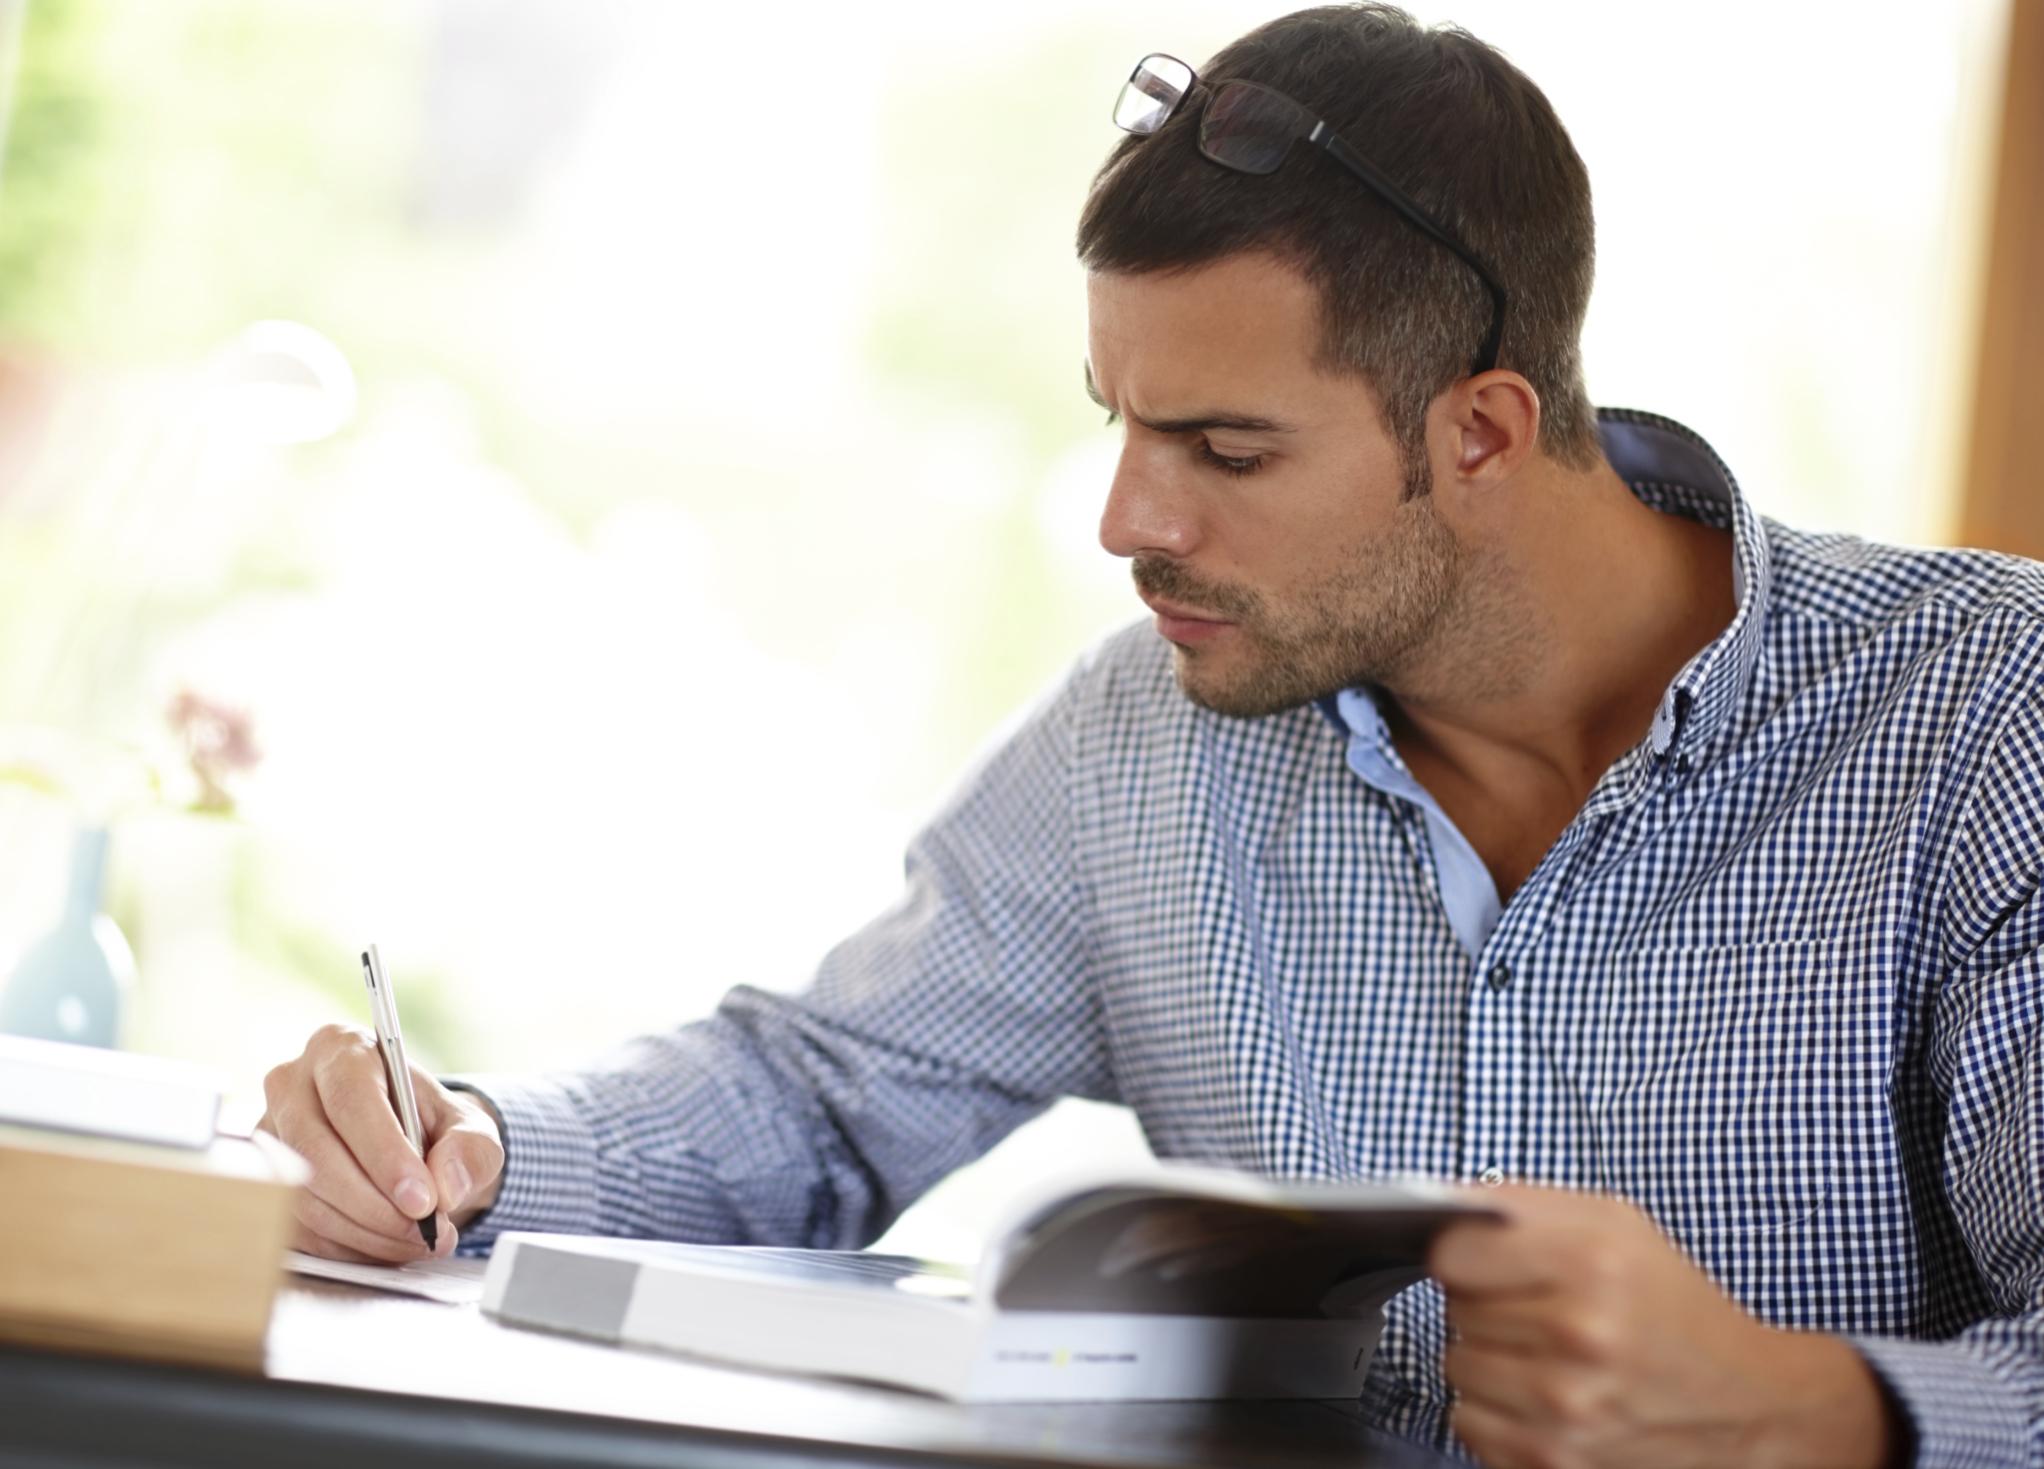 راهکارهای رسیدن به تمرکز حواس در مطالعه